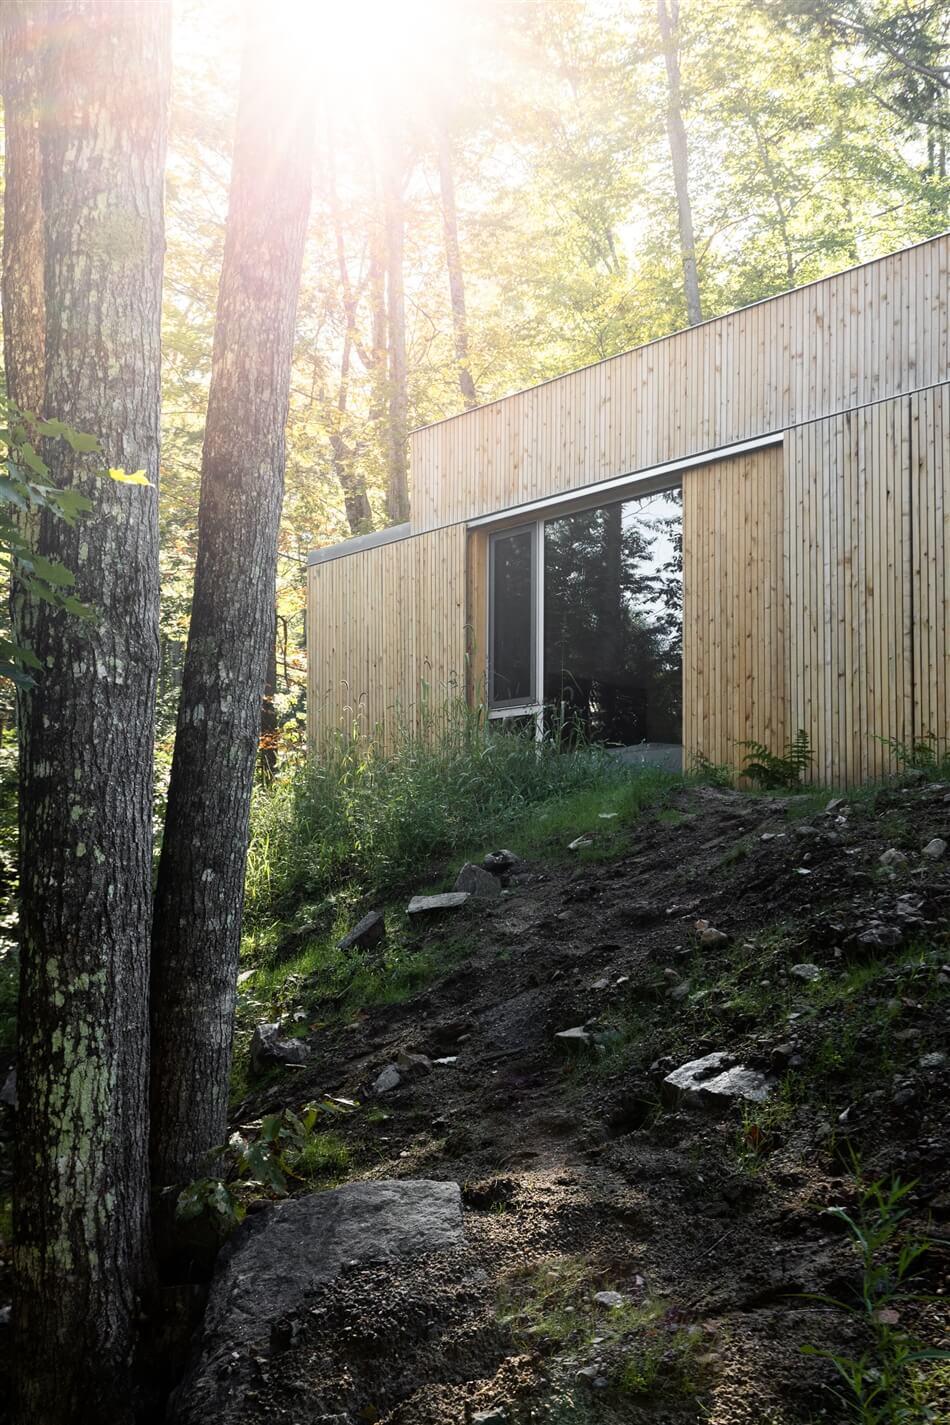 Hinterhouse 002